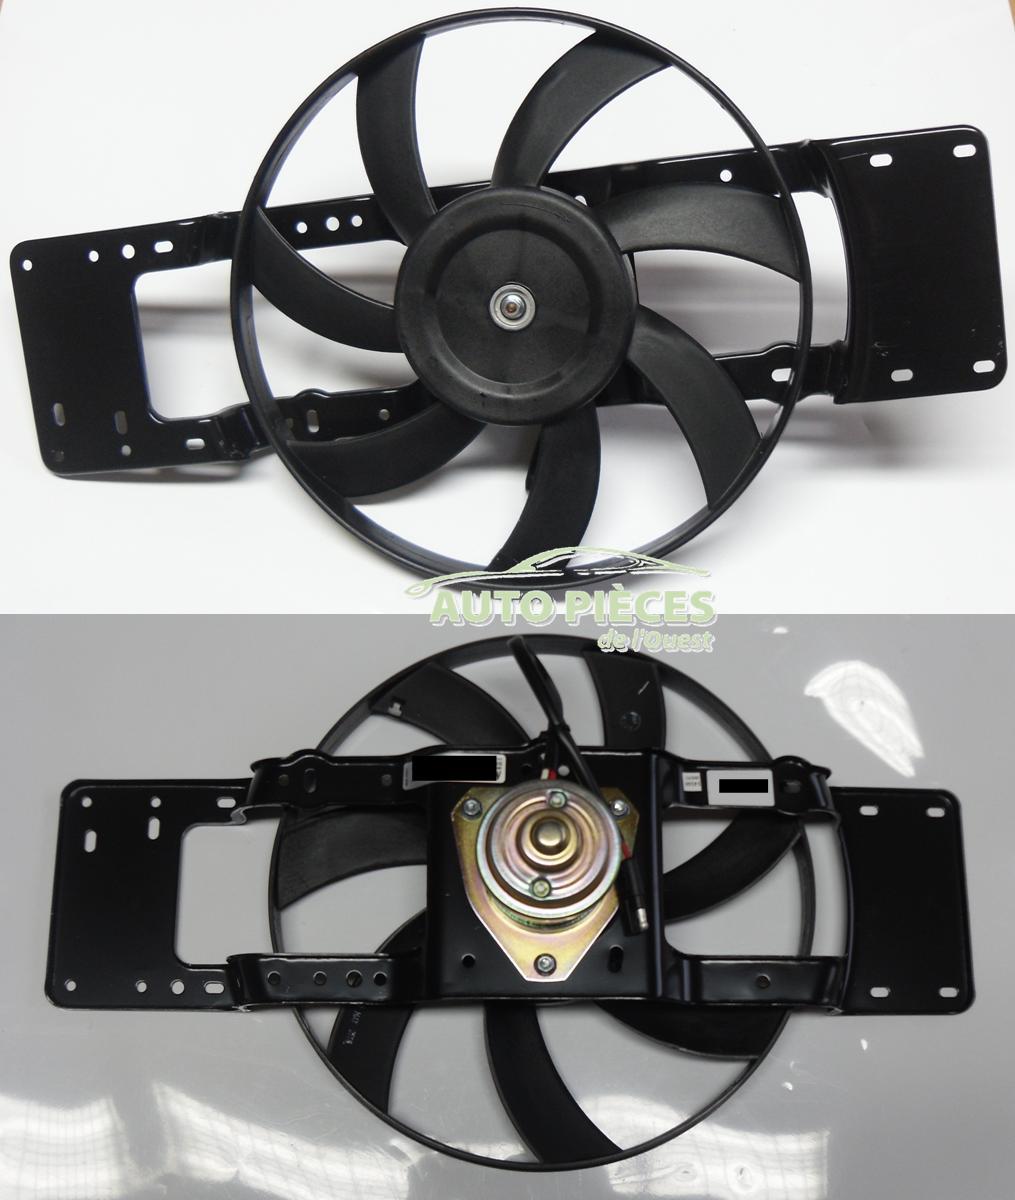 motoventilateur ventilateur refroidissement renault r19 r21 1 2 1 4 auto pi ces de l 39 ouest. Black Bedroom Furniture Sets. Home Design Ideas